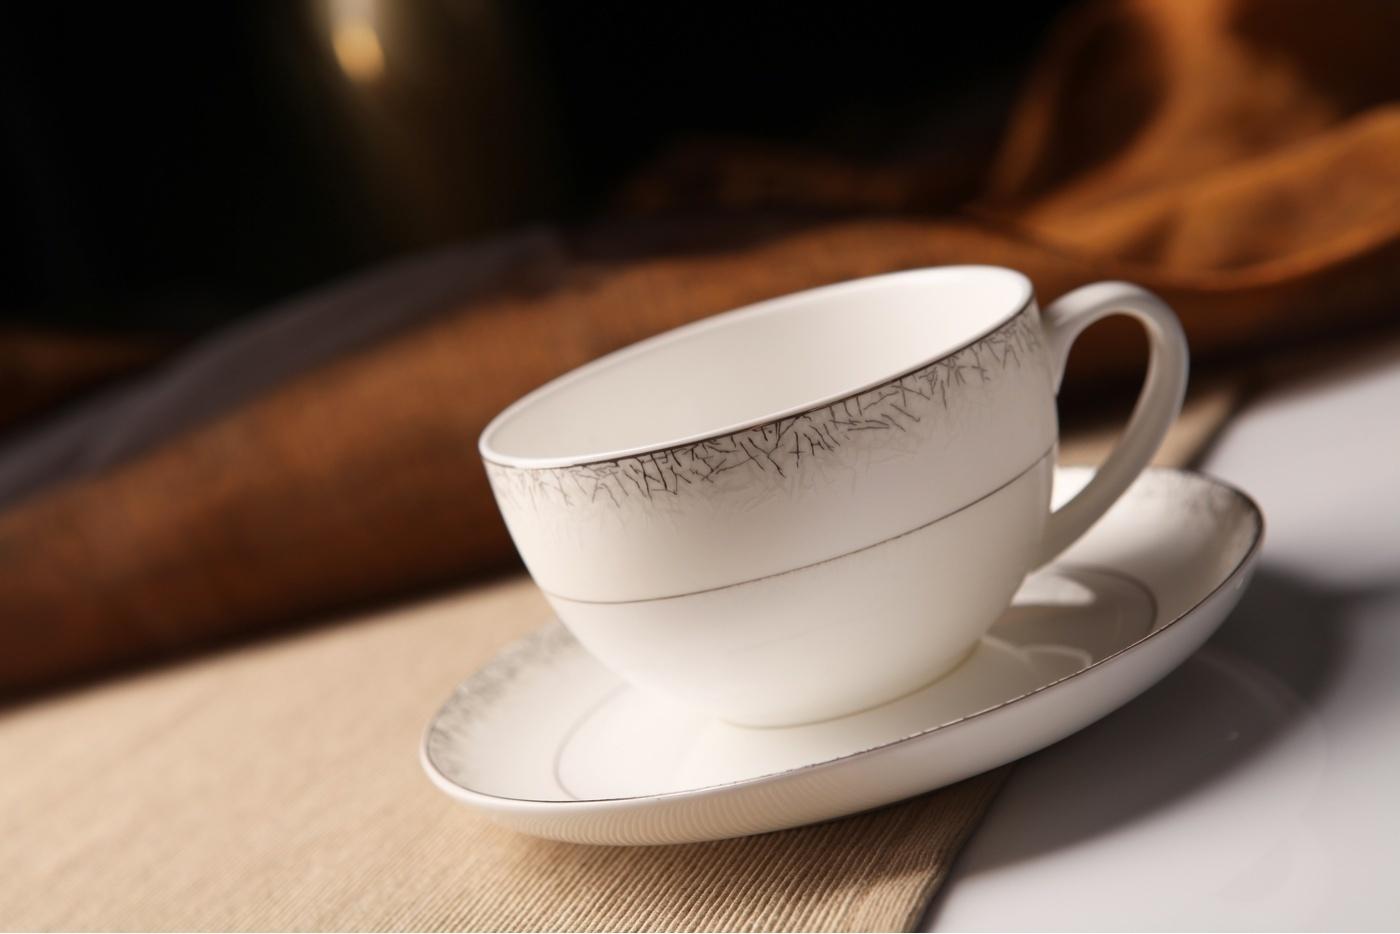 Чайный сервиз Royal Aurel Иней арт.110, 13 предметовЧайные сервизы<br>Чайный сервиз Royal Aurel Иней арт.110, 13 предметов<br><br><br><br><br><br><br><br><br><br><br>Чашка 300 мл,6 шт.<br>Блюдце 15 см,6 шт.<br>Чайник 1300 мл<br><br><br><br><br><br><br>Производить посуду из фарфора начали в Китае на стыке 6-7 веков. Неустанно совершенствуя и селективно отбирая сырье для производства посуды из фарфора, мастерам удалось добиться выдающихся характеристик фарфора: белизны и тонкостенности. В XV веке появился особый интерес к китайской фарфоровой посуде, так как в это время Европе возникла мода на самобытные китайские вещи. Роскошный китайский фарфор являлся изыском и был в новинку, поэтому он выступал в качестве подарка королям, а также знатным людям. Такой дорогой подарок был очень престижен и по праву являлся элитной посудой. Как известно из многочисленных исторических документов, в Европе китайские изделия из фарфора ценились практически как золото. <br>Проверка изделий из костяного фарфора на подлинность <br>По сравнению с производством других видов фарфора процесс производства изделий из настоящего костяного фарфора сложен и весьма длителен. Посуда из изящного фарфора - это элитная посуда, которая всегда ассоциируется с богатством, величием и благородством. Несмотря на небольшую толщину, фарфоровая посуда - это очень прочное изделие. Для демонстрации плотности и прочности фарфора можно легко коснуться предметов посуды из фарфора деревянной палочкой, и тогда мы услушим характерный металлический звон. В составе фарфоровой посуды присутствует костяная зола, благодаря чему она может быть намного тоньше (не более 2,5 мм) и легче твердого или мягкого фарфора. Безупречная белизна - ключевой признак отличия такого фарфора от других. Цвет обычного фарфора сероватый или ближе к голубоватому, а костяной фарфор будет всегда будет молочно-белого цвета. Характерная и немаловажная деталь - это невесомая прозрачность изделий из фарфора такая, что сквозь него проходит свет.<br>